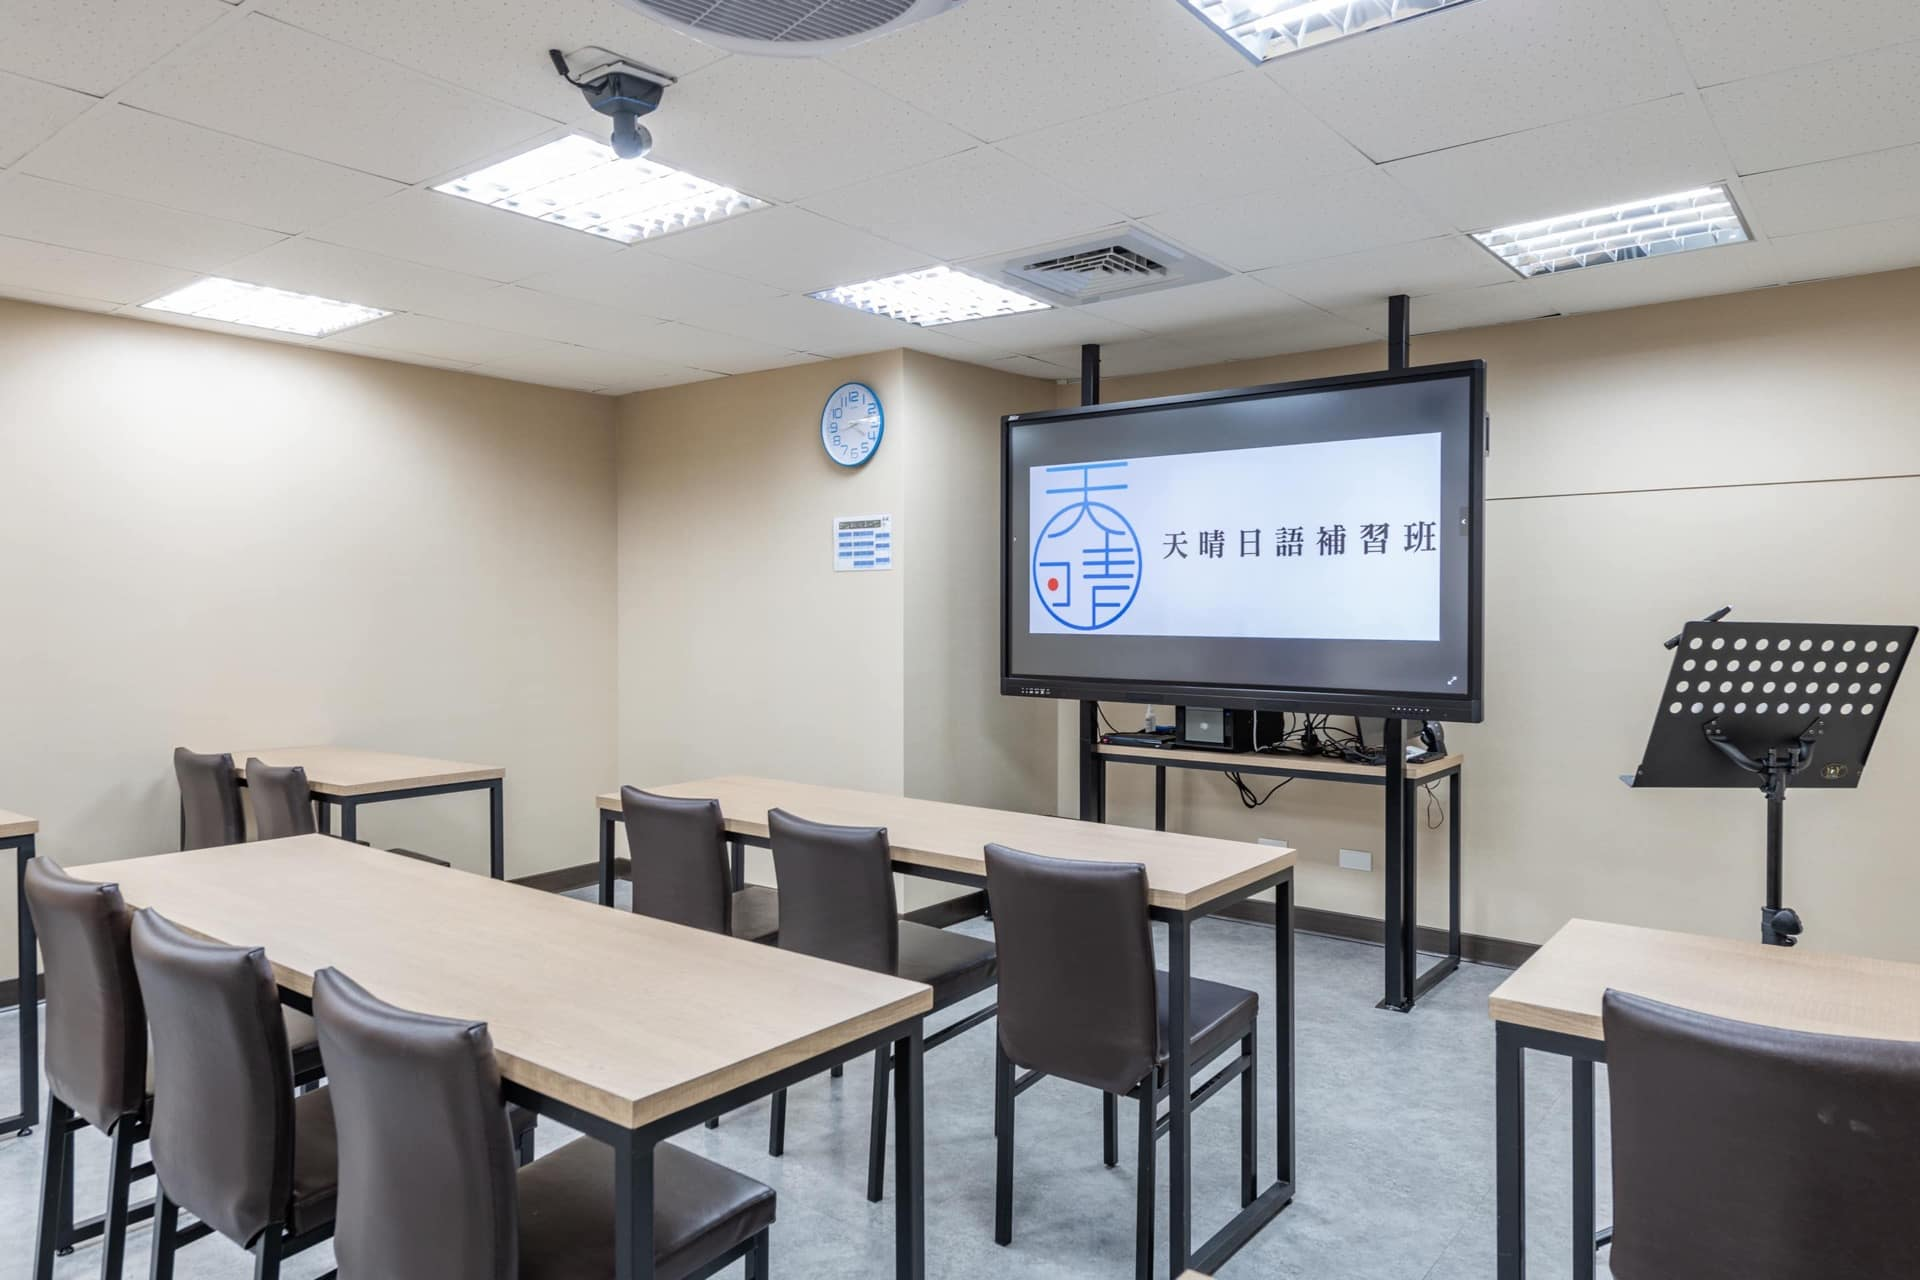 上課教室內以維持學習專注度為首要考量,圖中書桌以系統板材搭配鐵件五金訂做而成